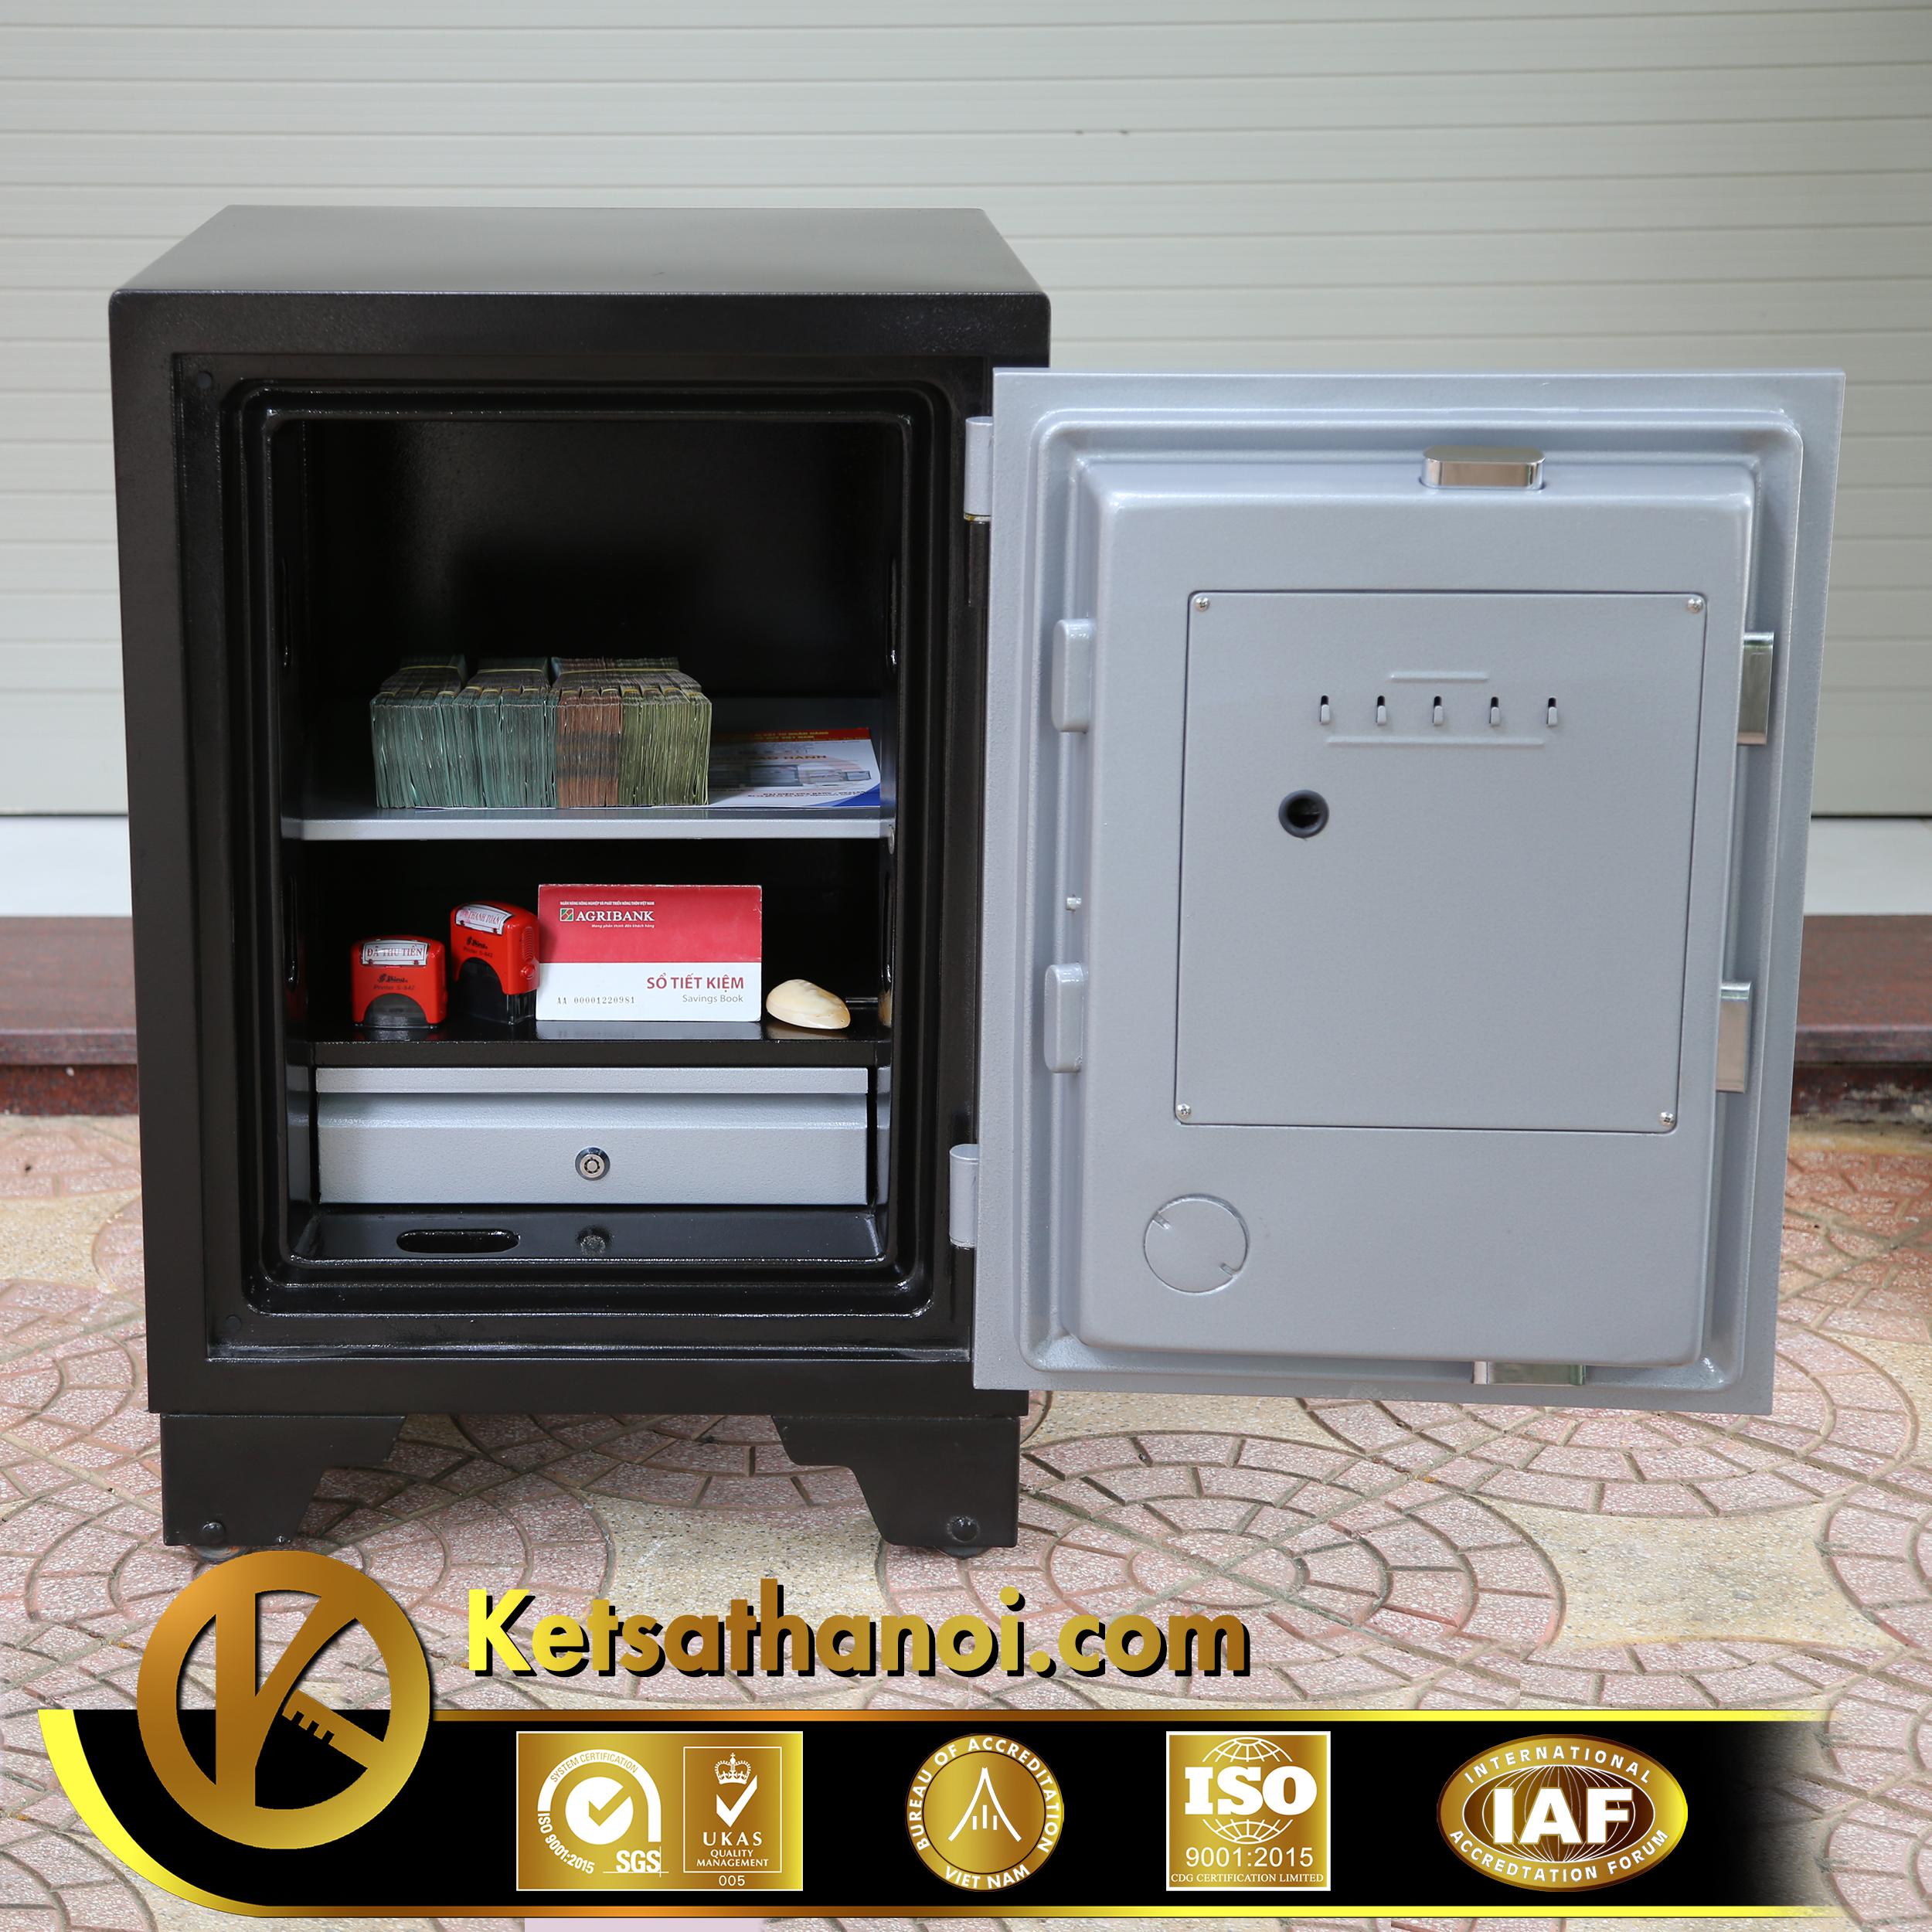 đặc điểm sản phẩm Két sắt văn phòng cao cấp KS160B-Series C ThaiLan